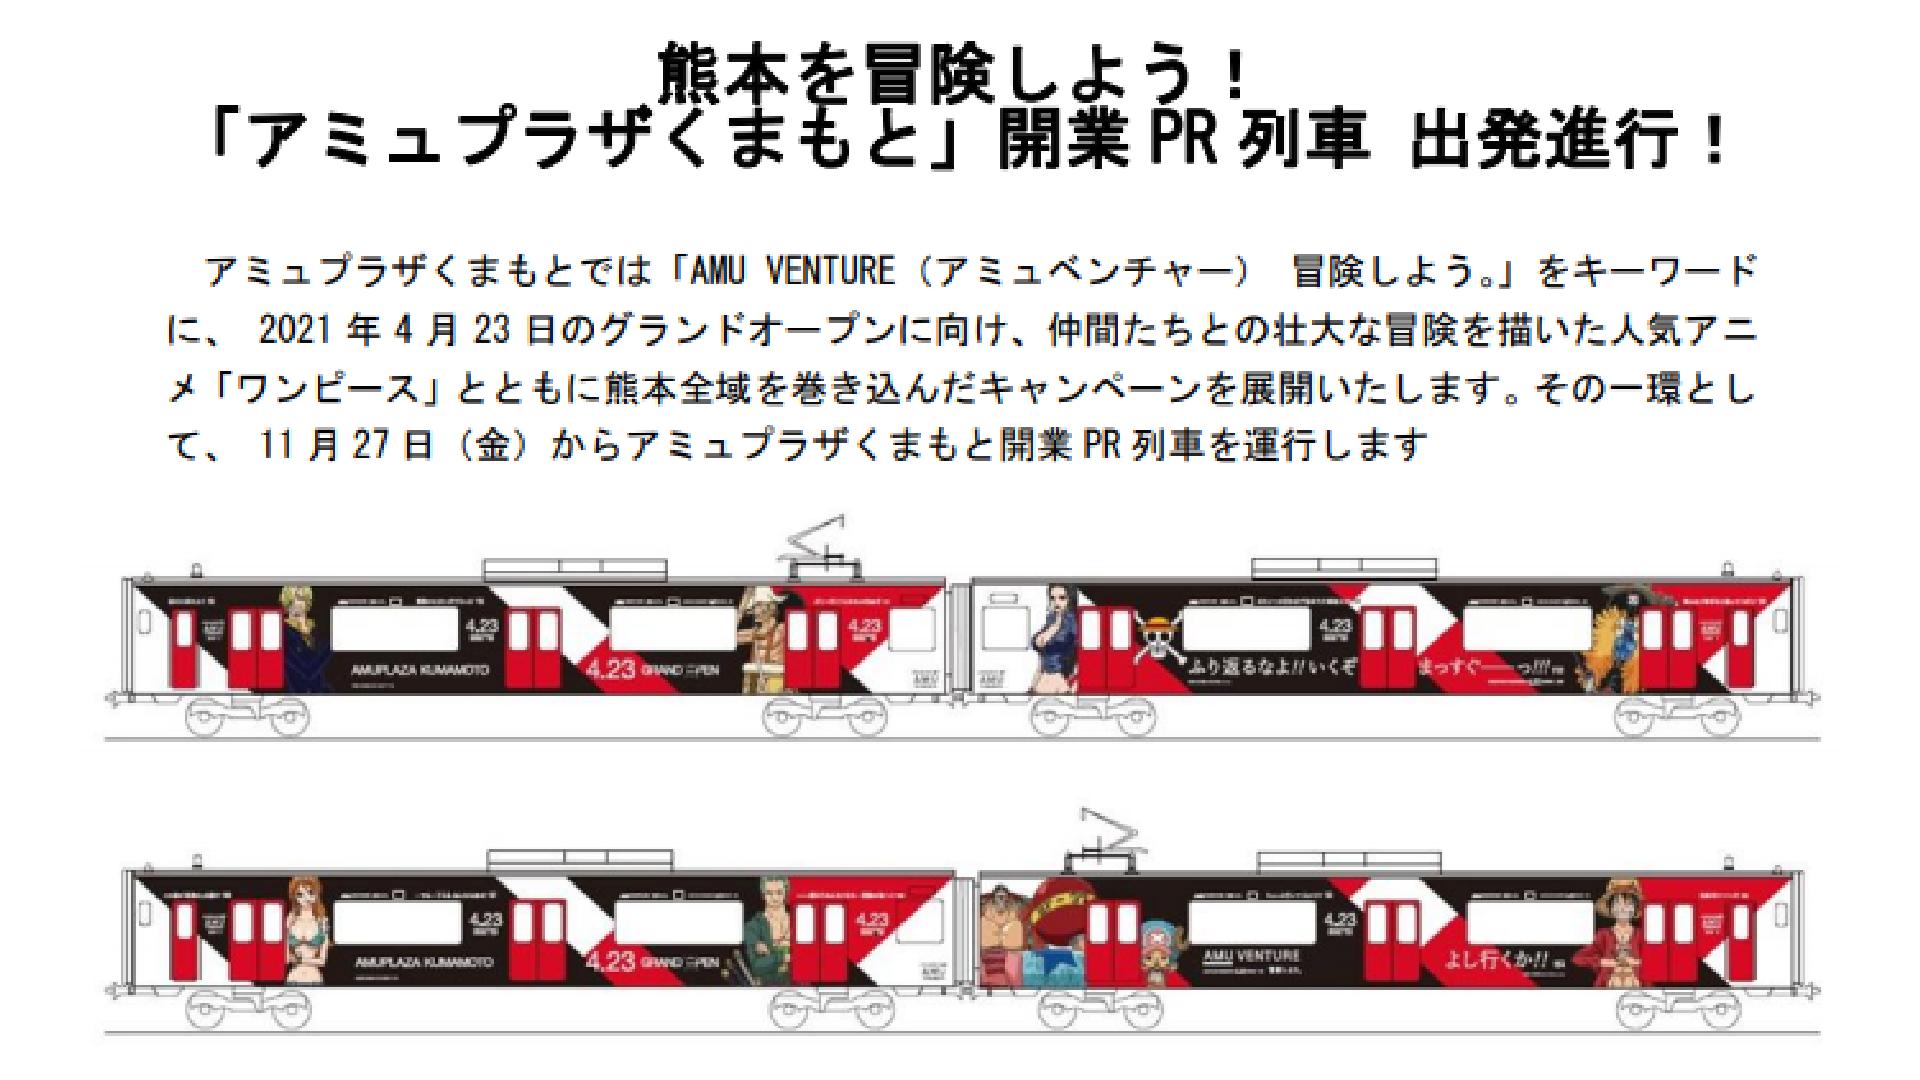 815系ワンピースラッピング電車